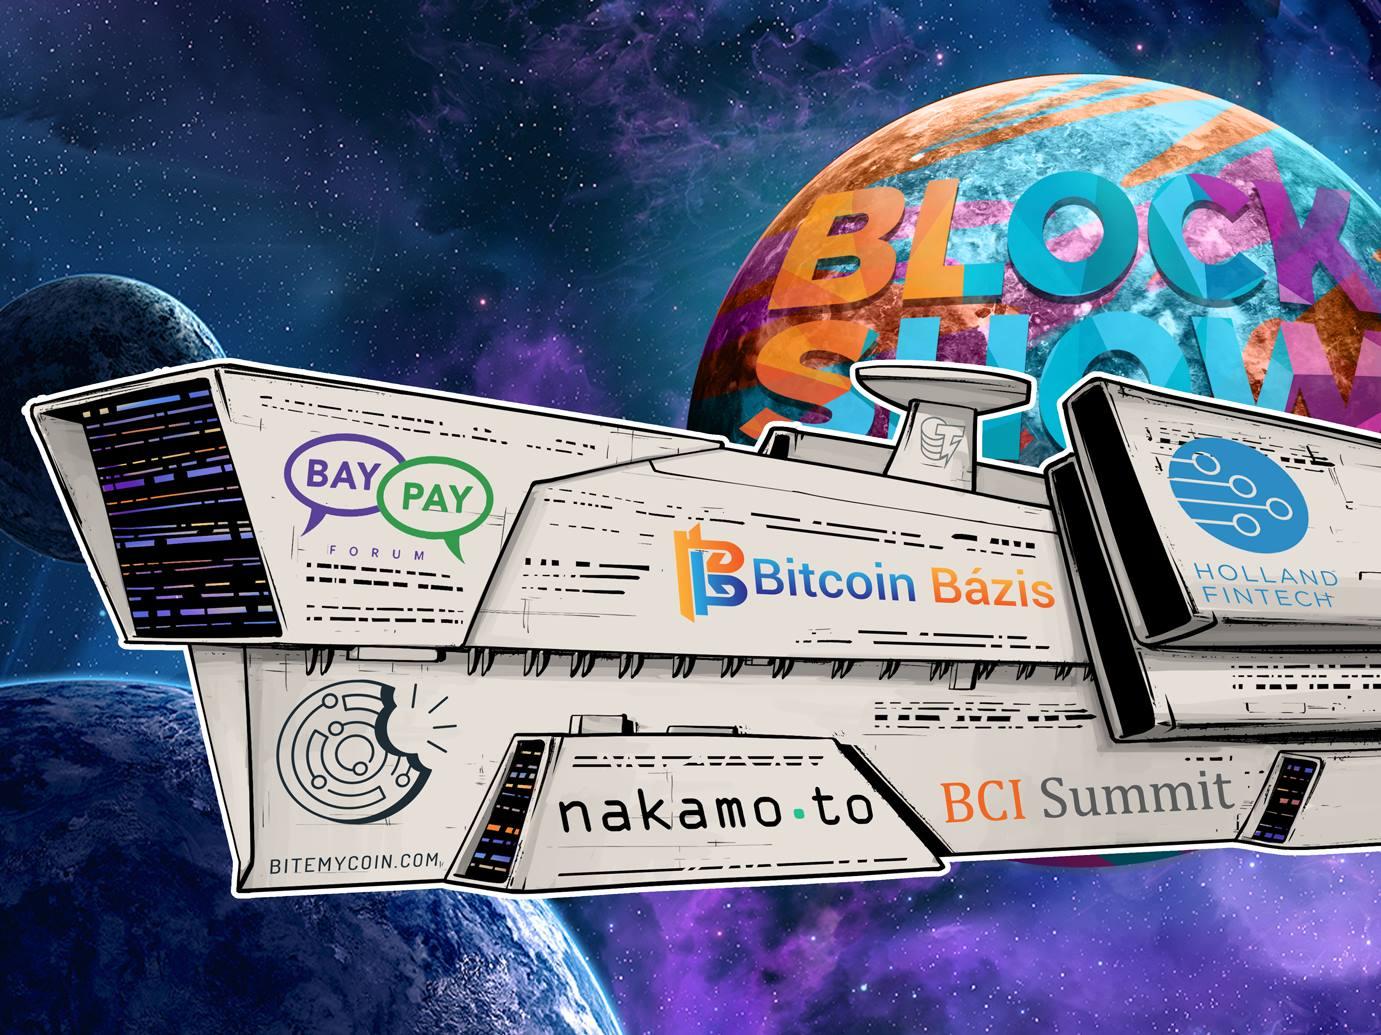 blokklánc startup barát európai országok listát közölt a BlockShow 2018